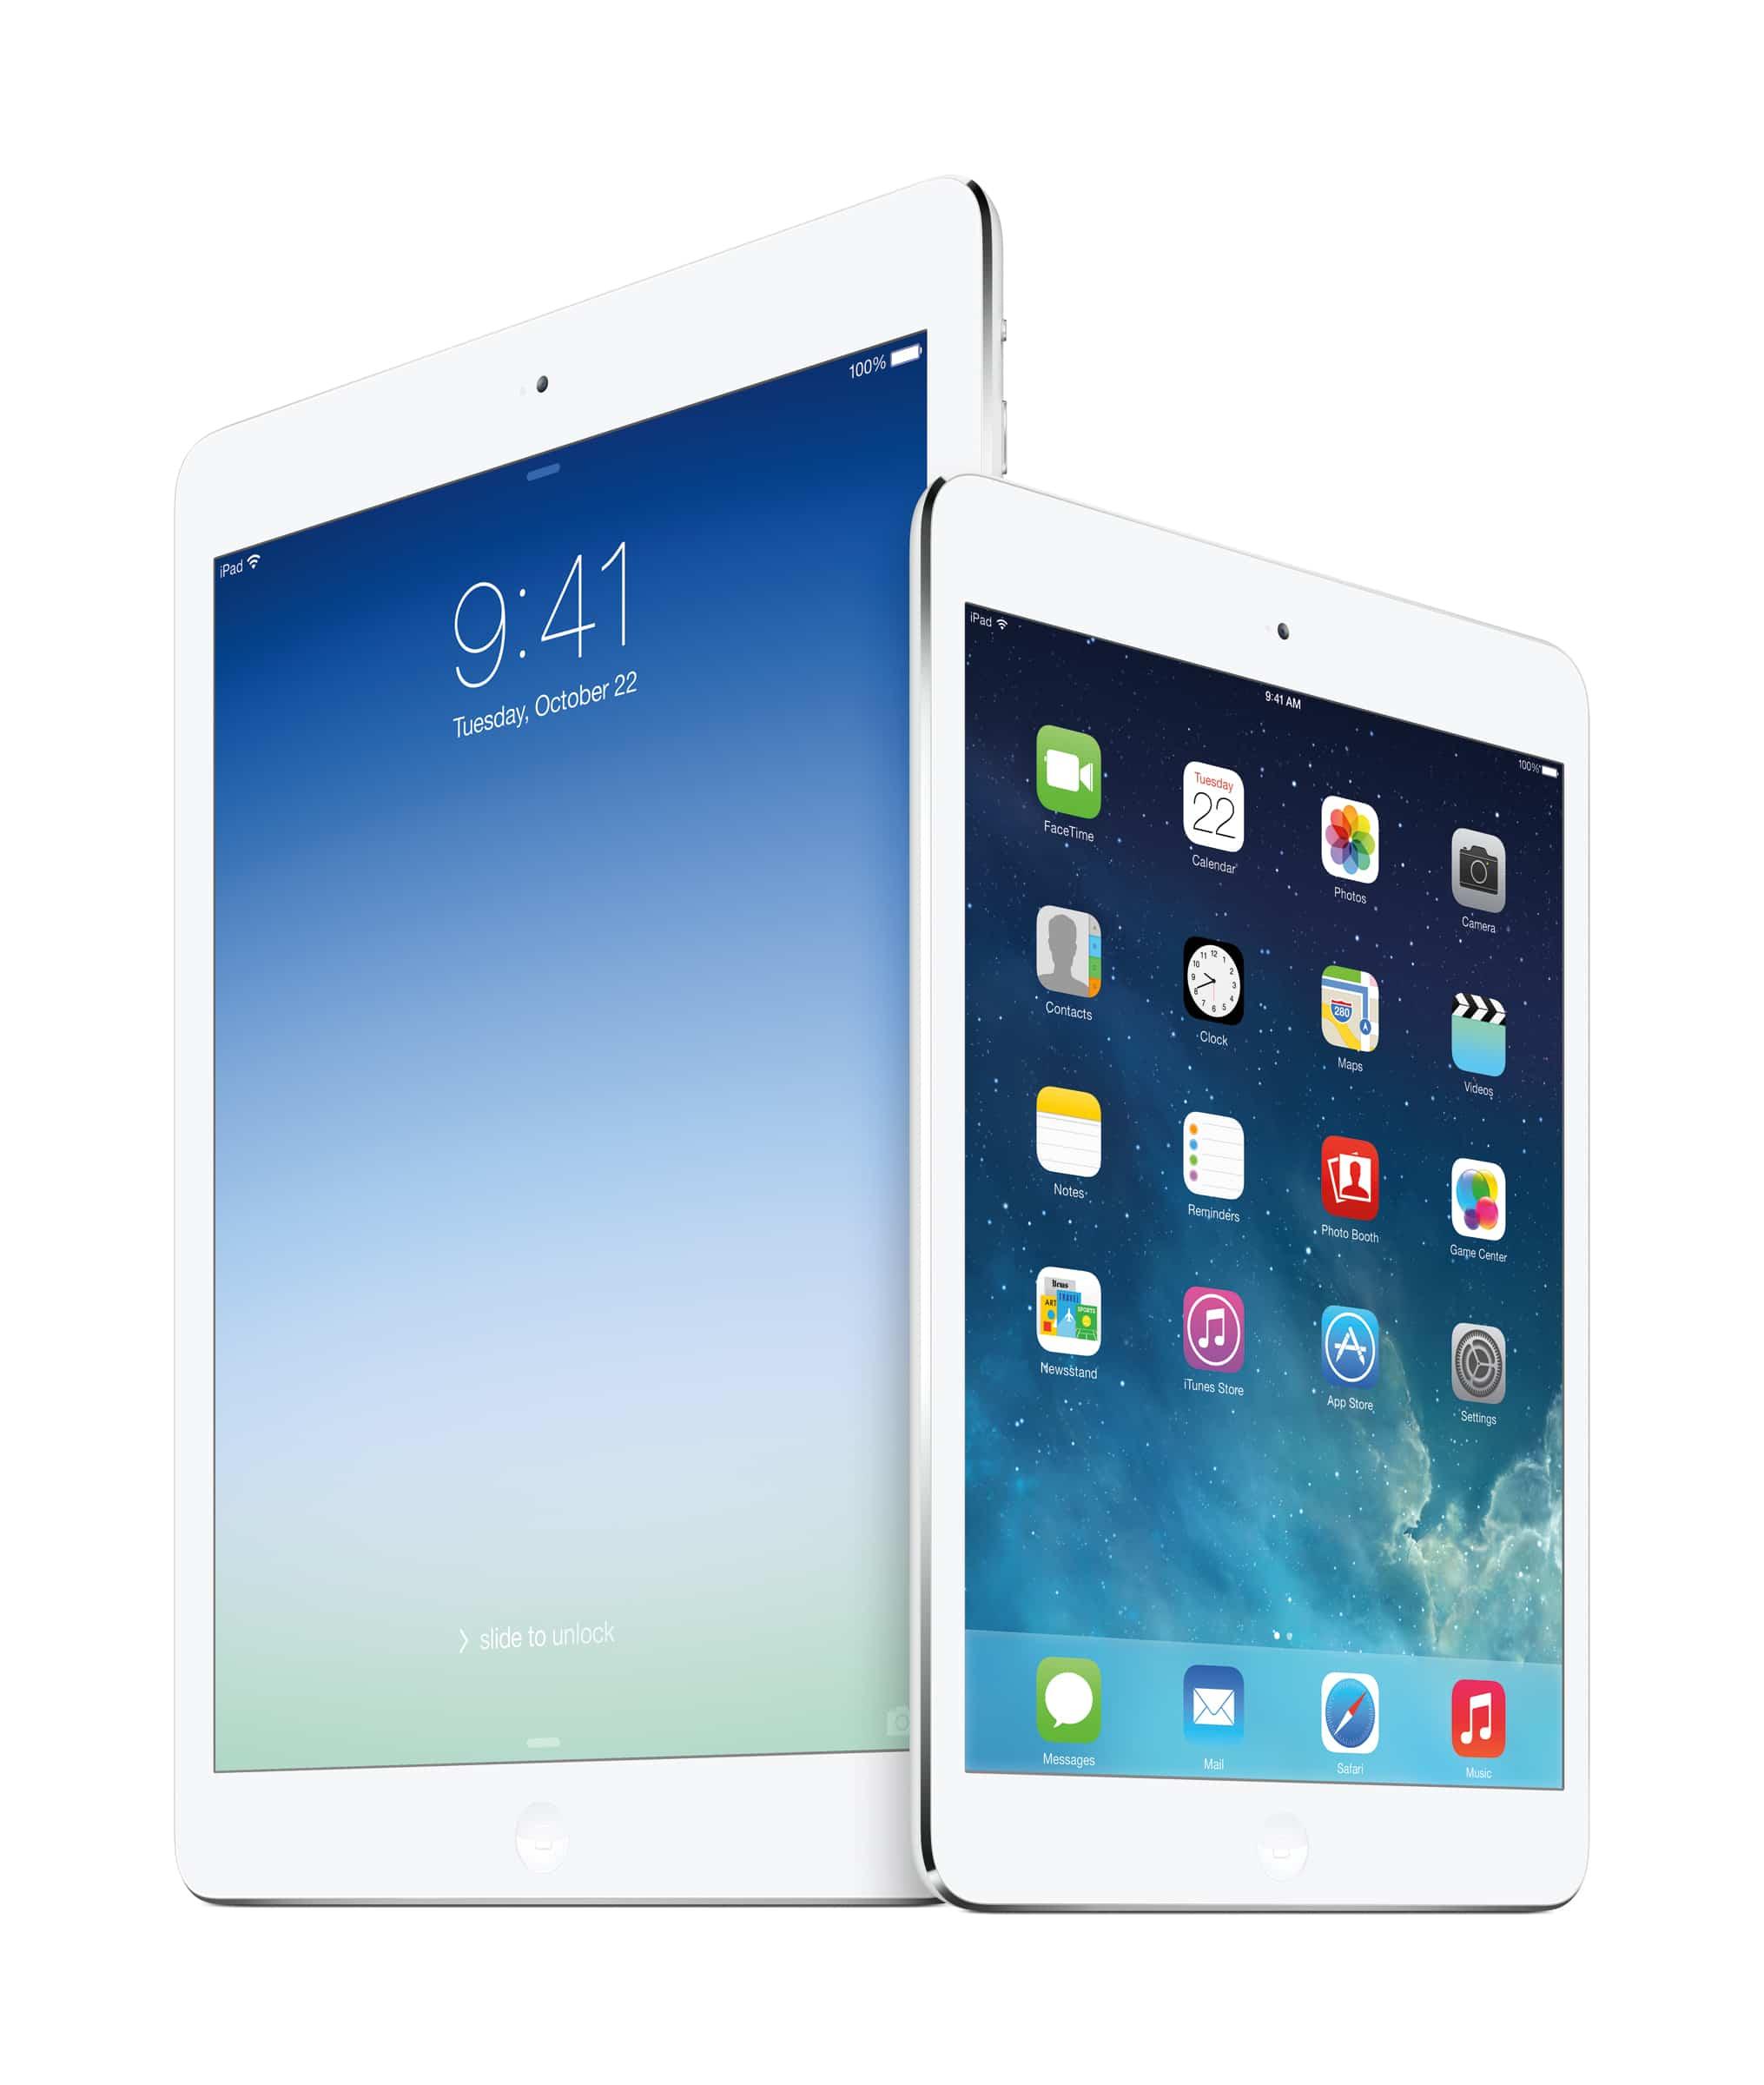 Bild von iPad Air doppelt so schnell wie MacBook (Late 2010)